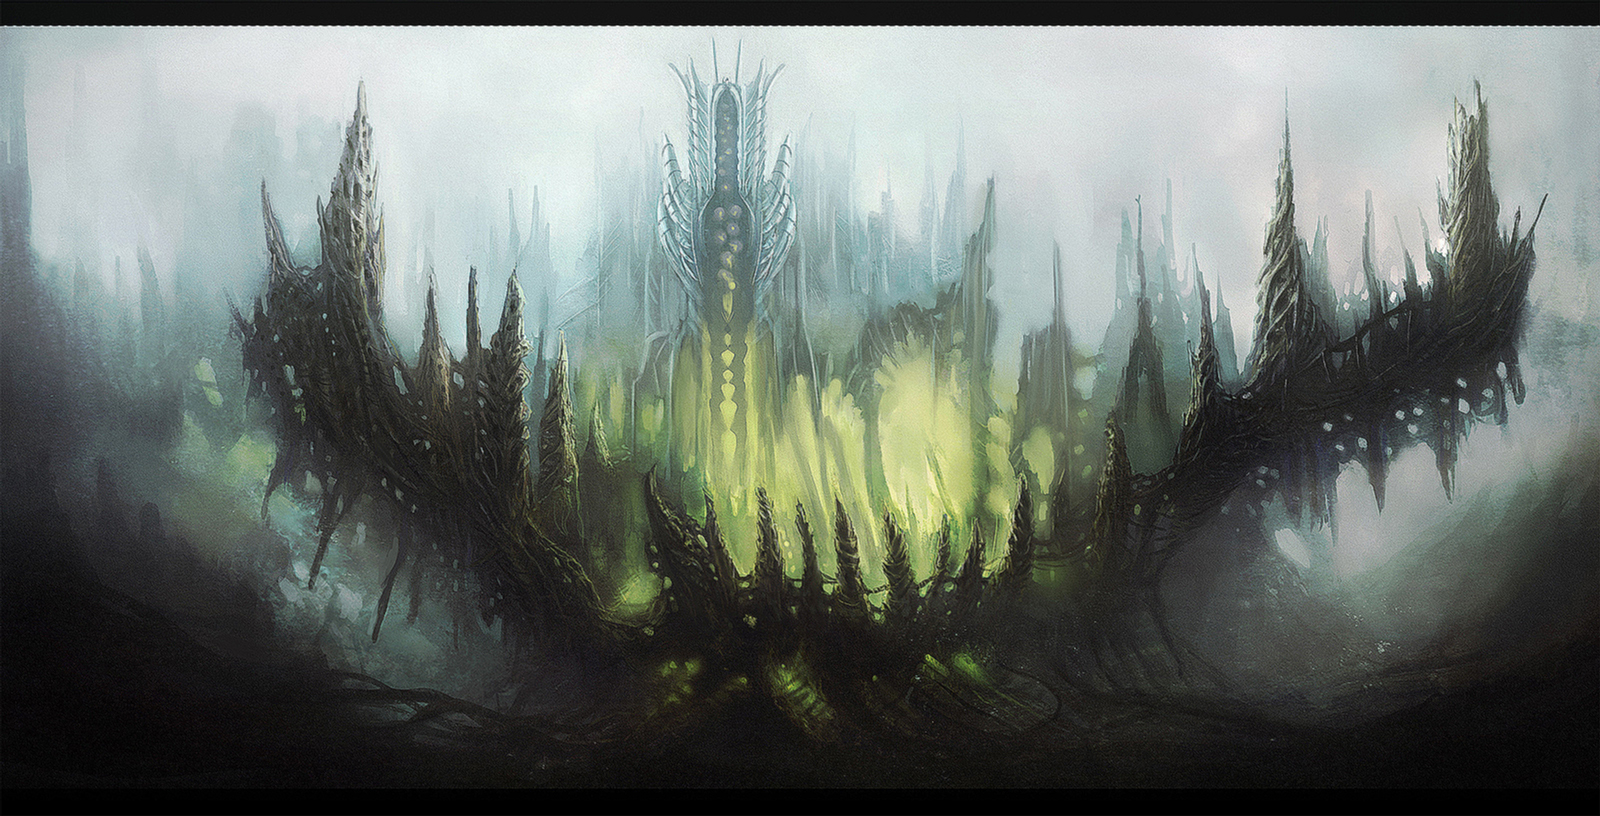 Fantasy landscape by WiredHuman on DeviantArt